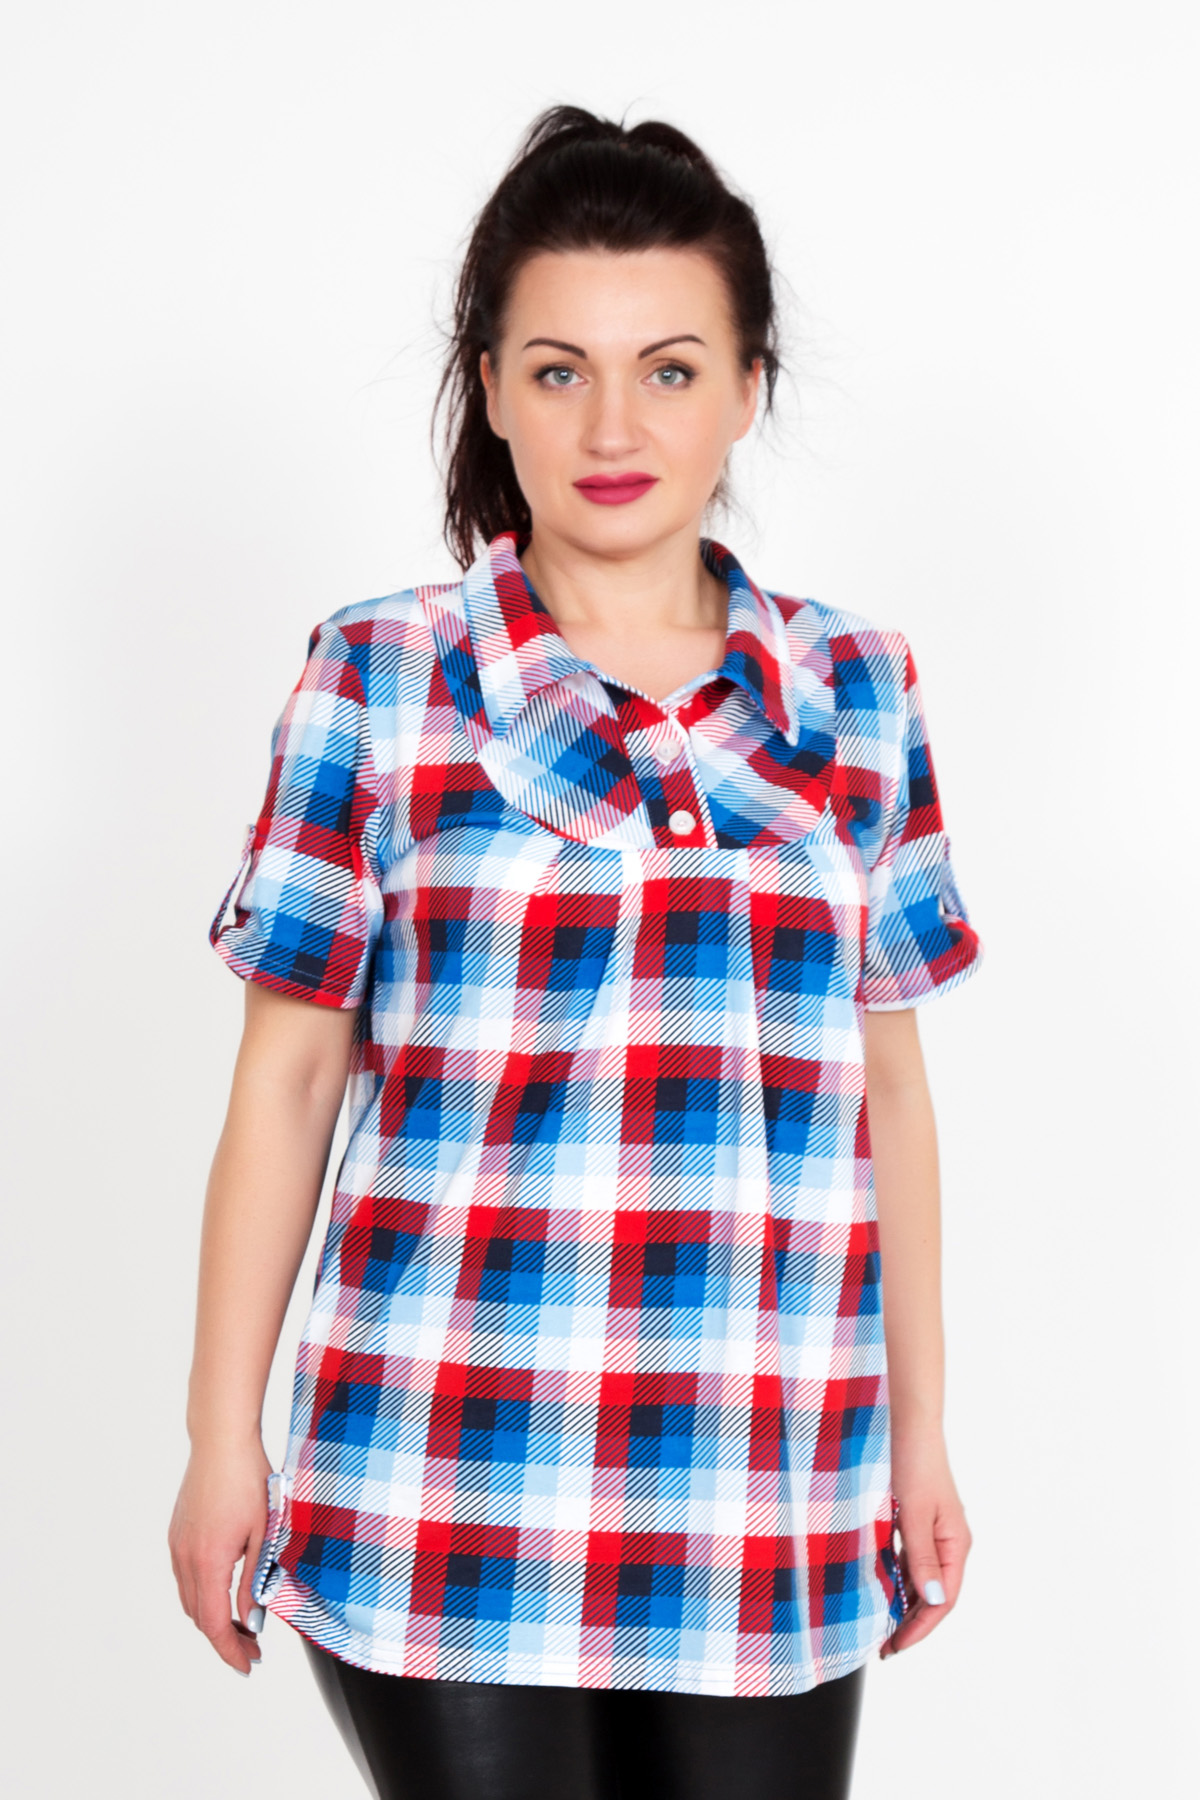 Жен. блуза Юнона Красный р. 68Распродажа женской одежды<br>Обхват груди: 136 см <br>Обхват талии: 118 см <br>Обхват бедер: 144 см <br>Длина по спинке: 81 см <br>Рост: 167 см<br><br>Тип: Жен. блуза<br>Размер: 68<br>Материал: Кулирка